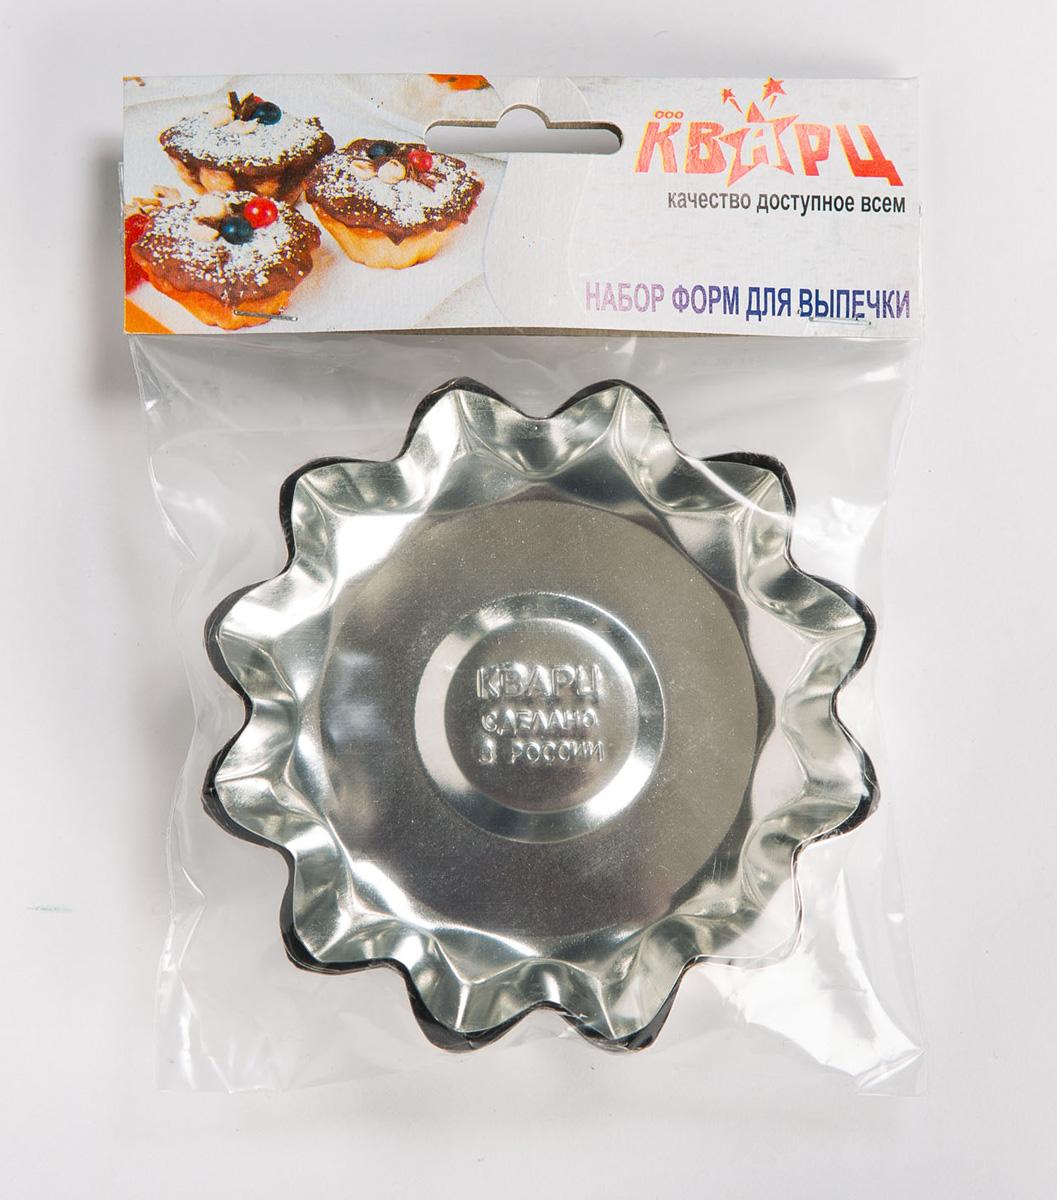 Набор форм Кварц для выпечки печенья, 6 шт. КФ-04.05КФ-04.05Набор Кварц выполнен жести. Формы предназначены для выпечки и приготовления желе. Стенки изделий рельефные.С набором форм Кварц вы всегда сможете порадовать своих близких оригинальной выпечкой.